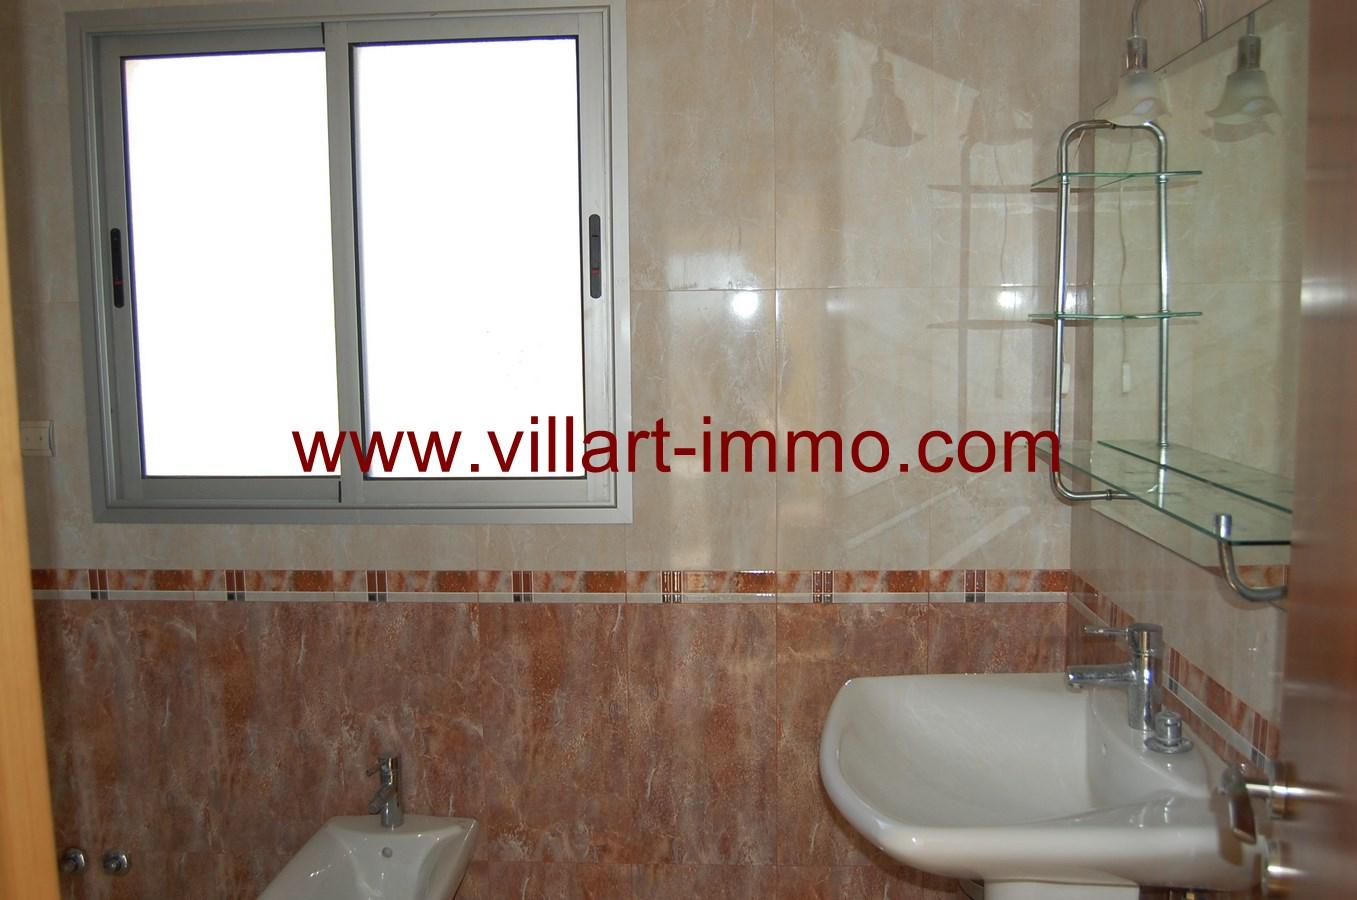 7-vente-maison-tanger-jbilat-salle-de-bain-2-vm408-villart-immo